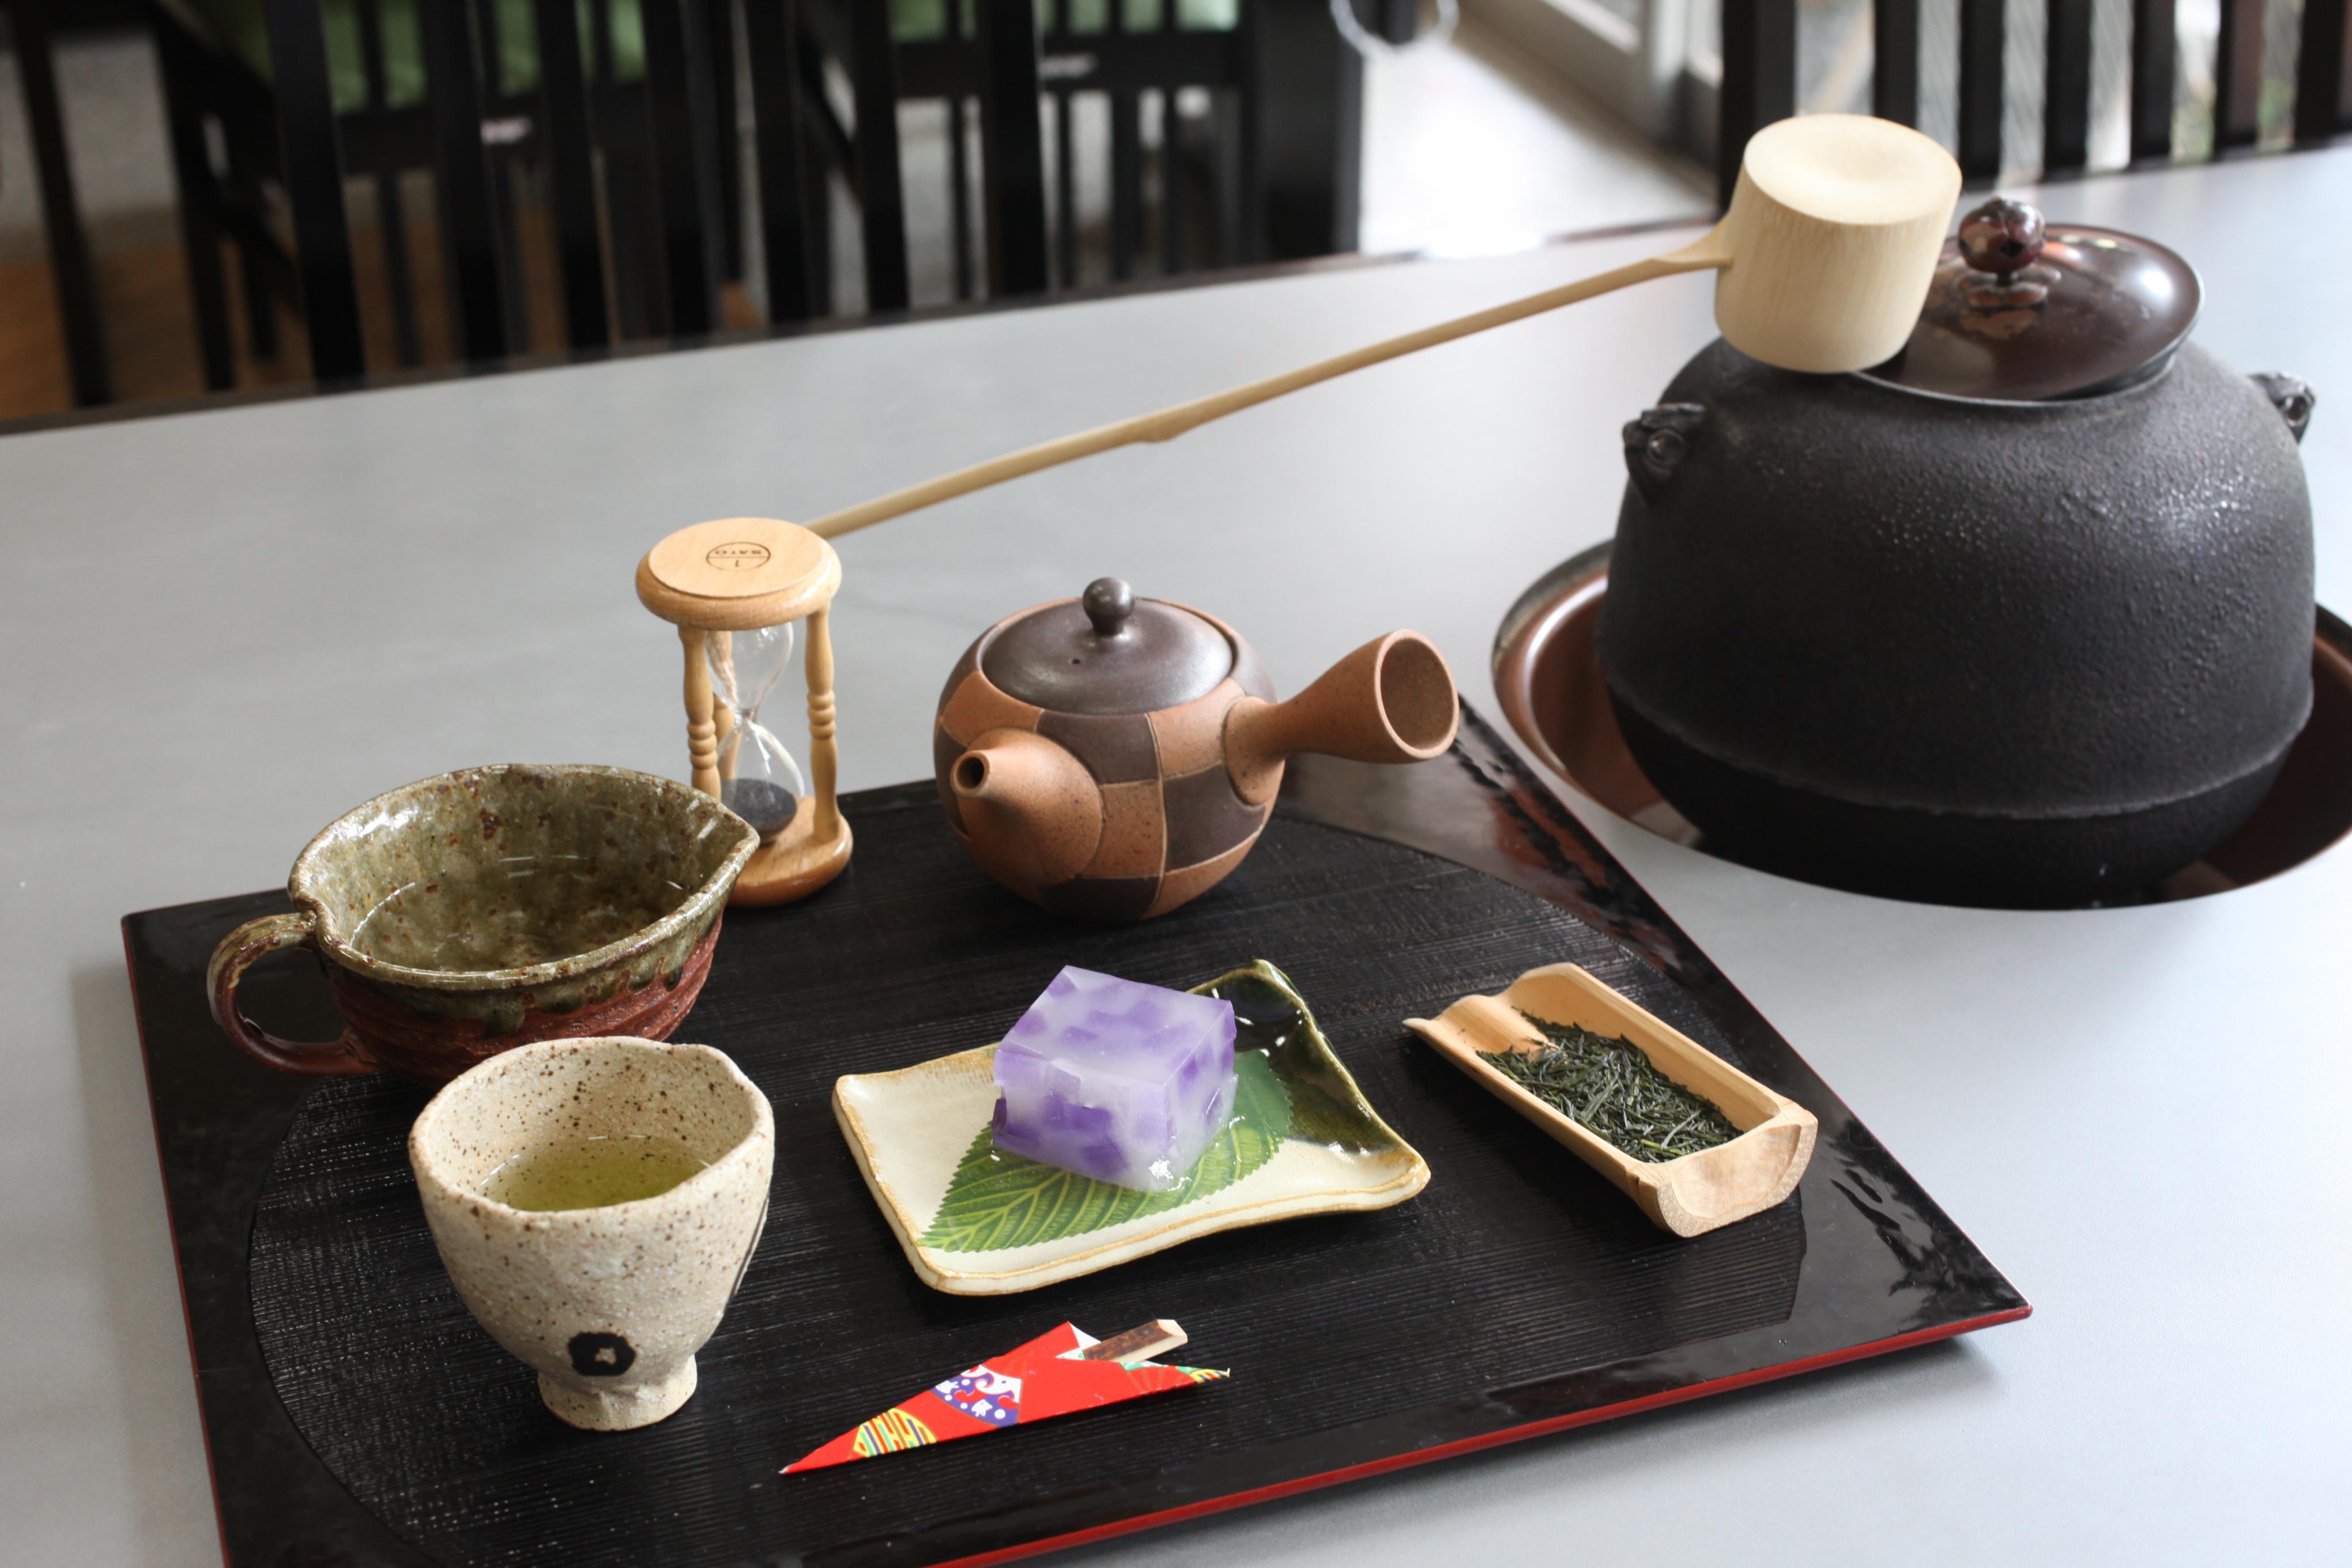 喫茶席では茶釜を使って川根茶をお楽しみ頂けます。